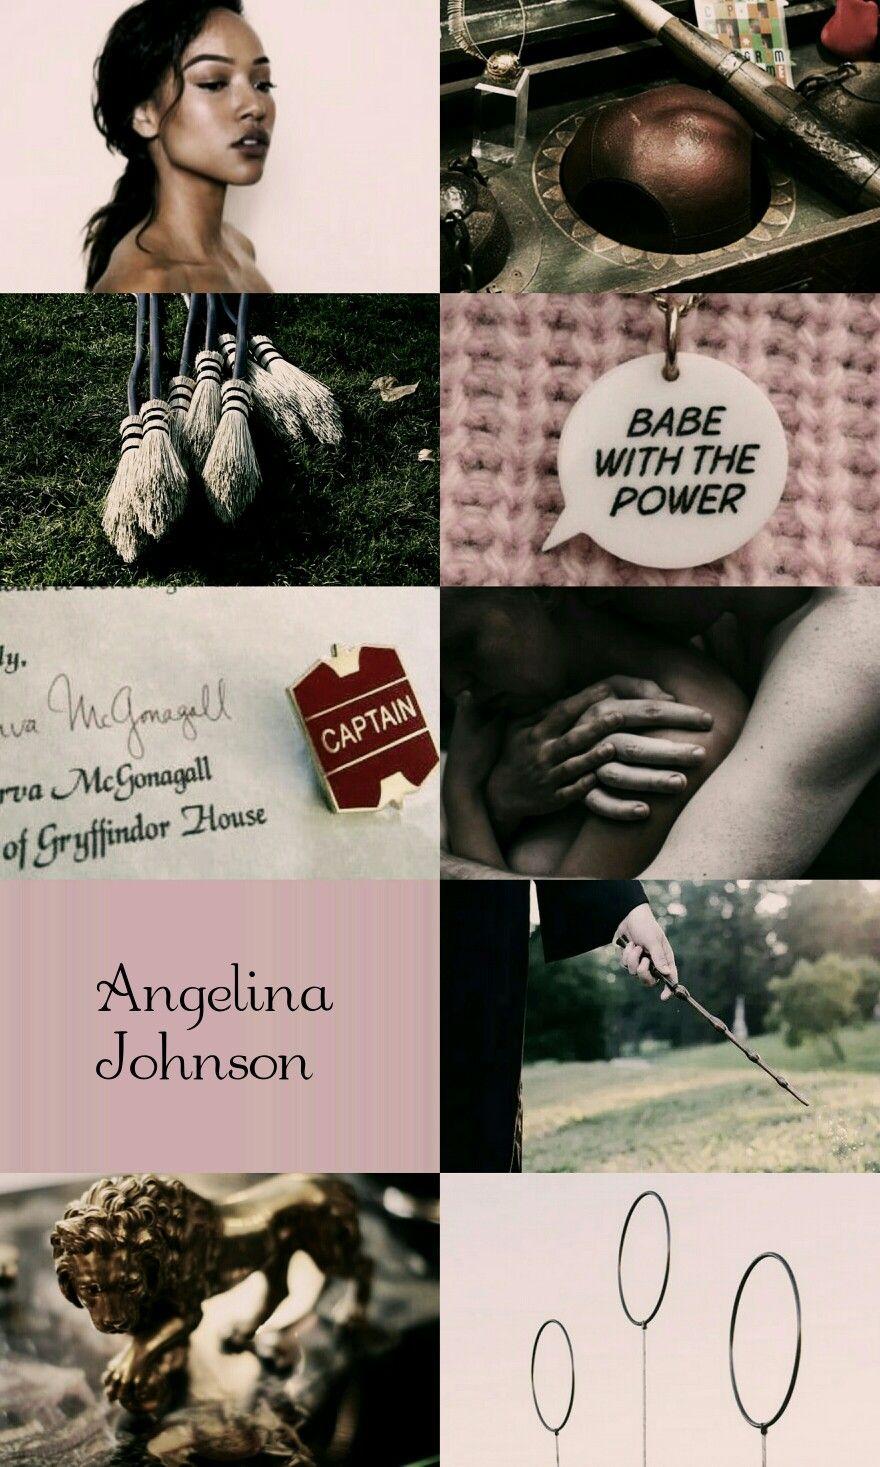 Angelina Johnson From Harry Potter Harry Potter Pictures Harry Potter Aesthetic Harry Potter Characters